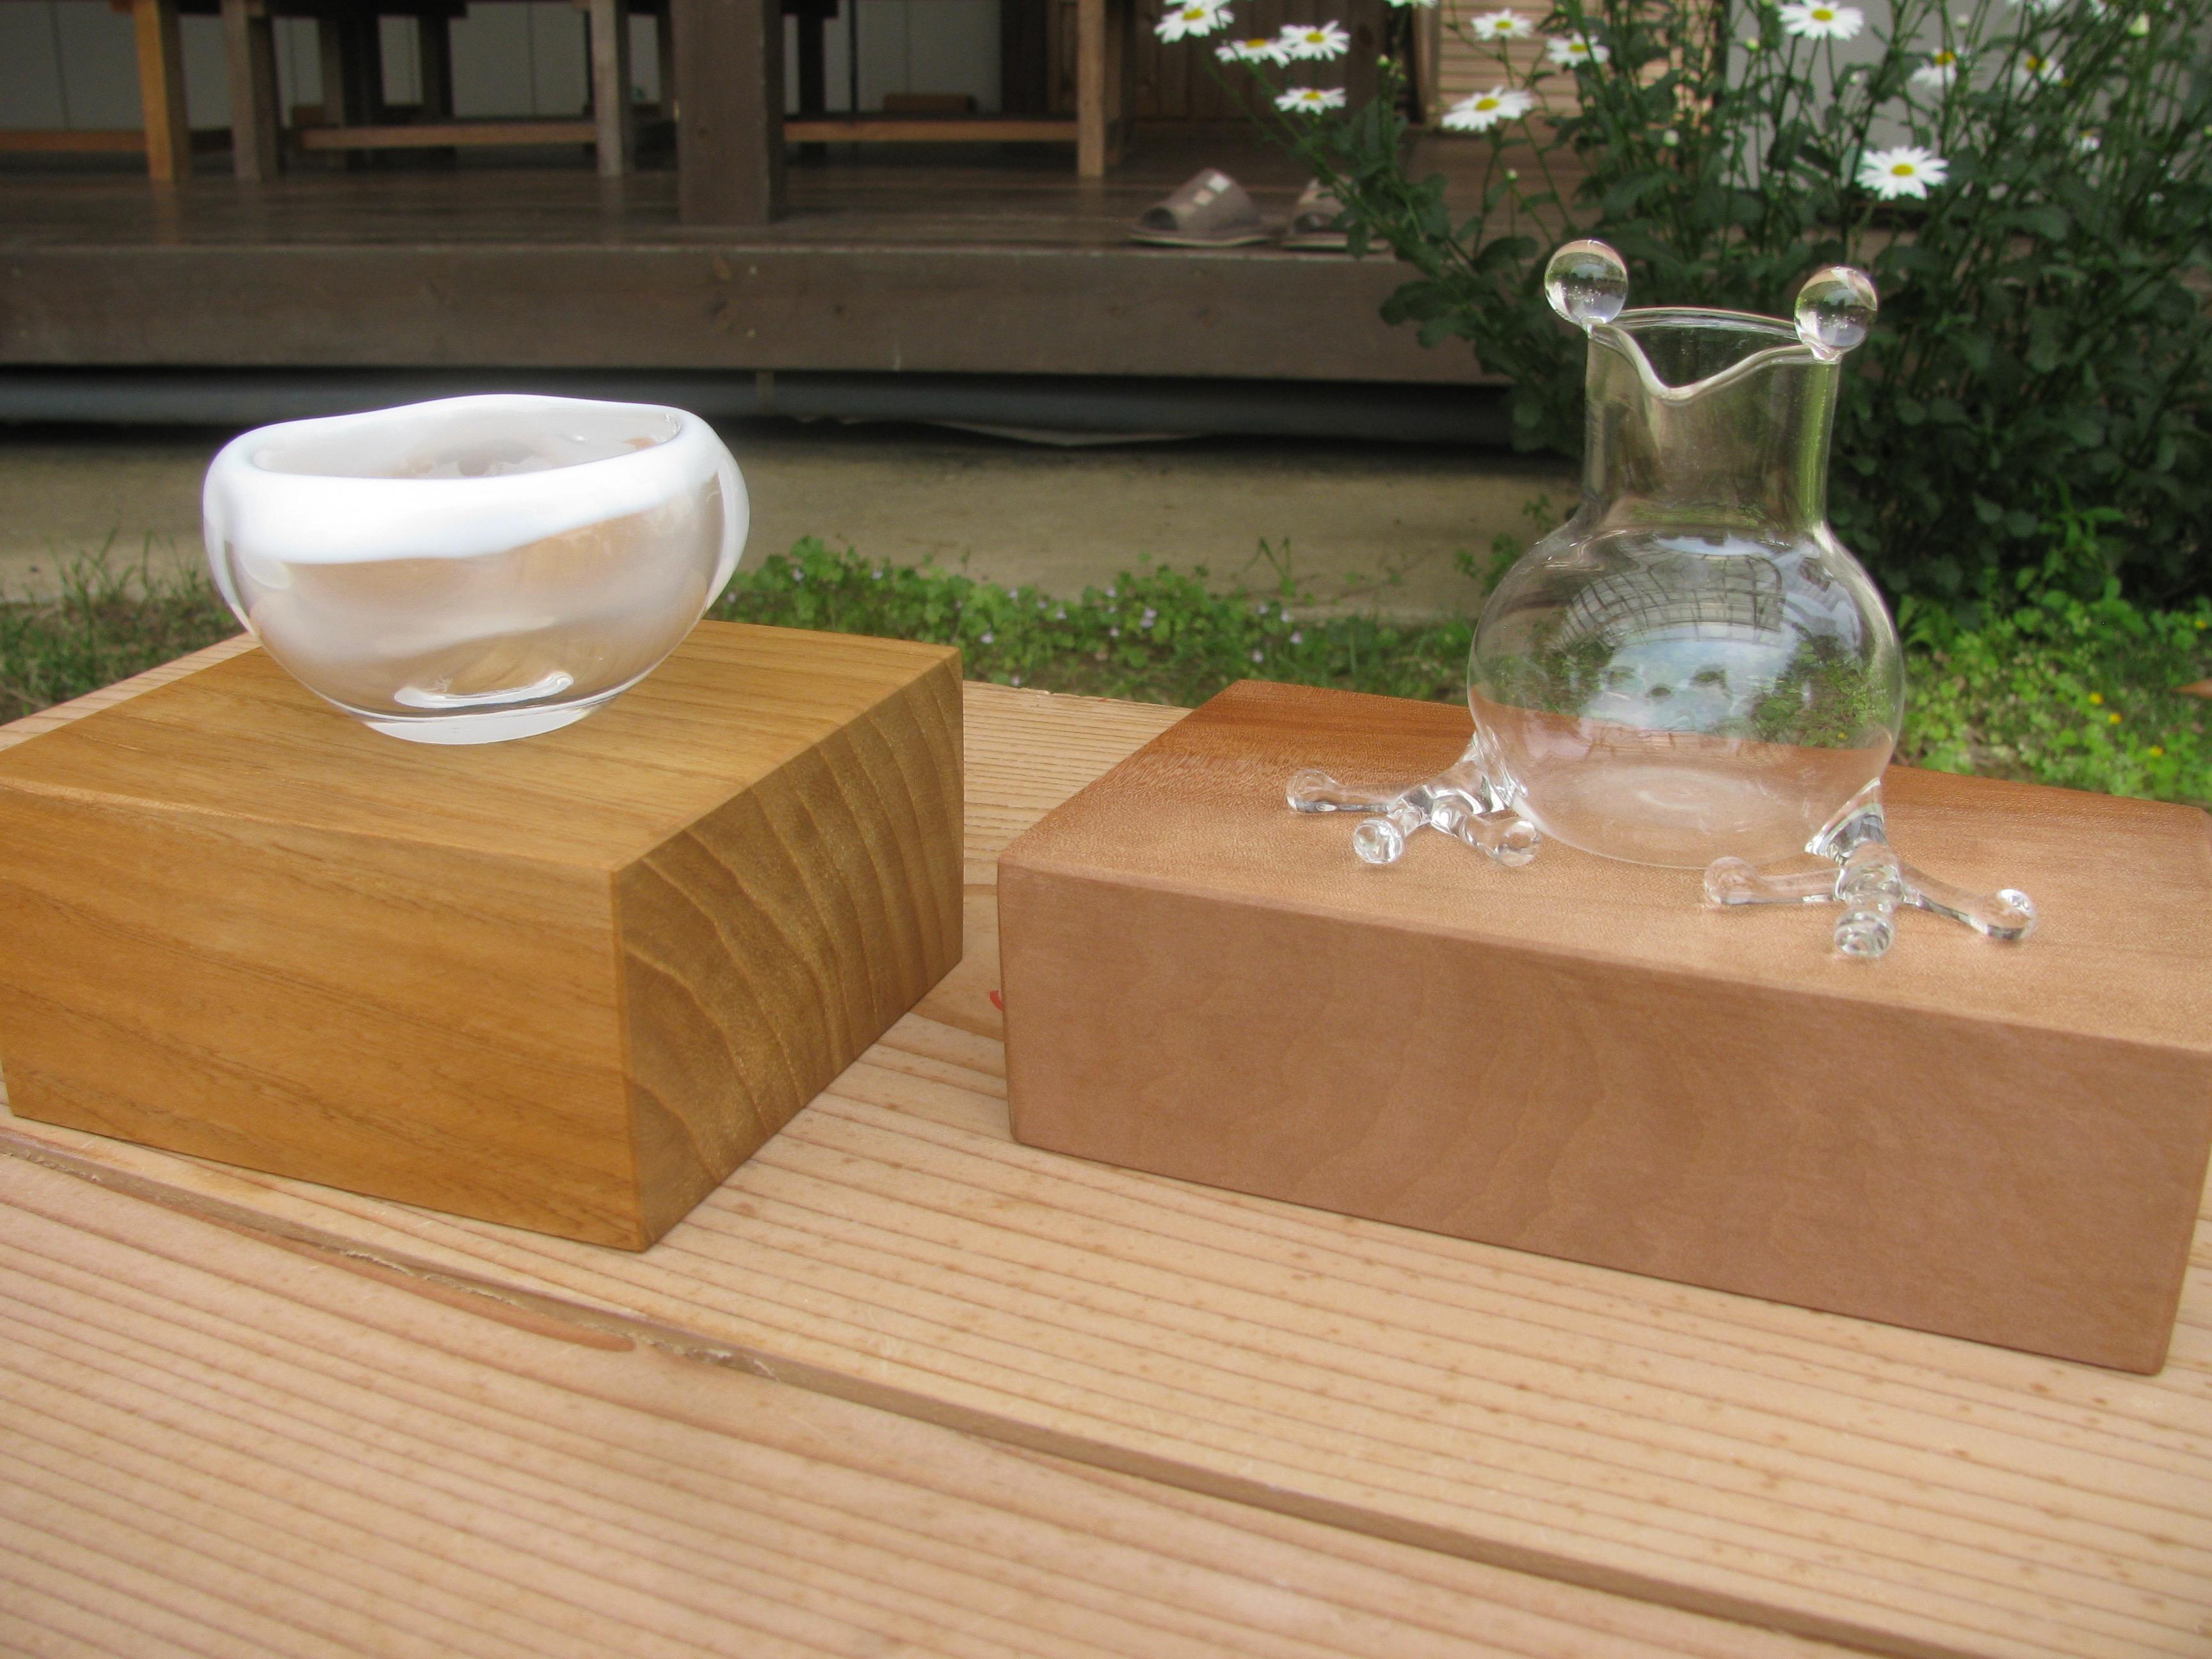 蓋付きジャムポット、額、木のキューブなどを追加